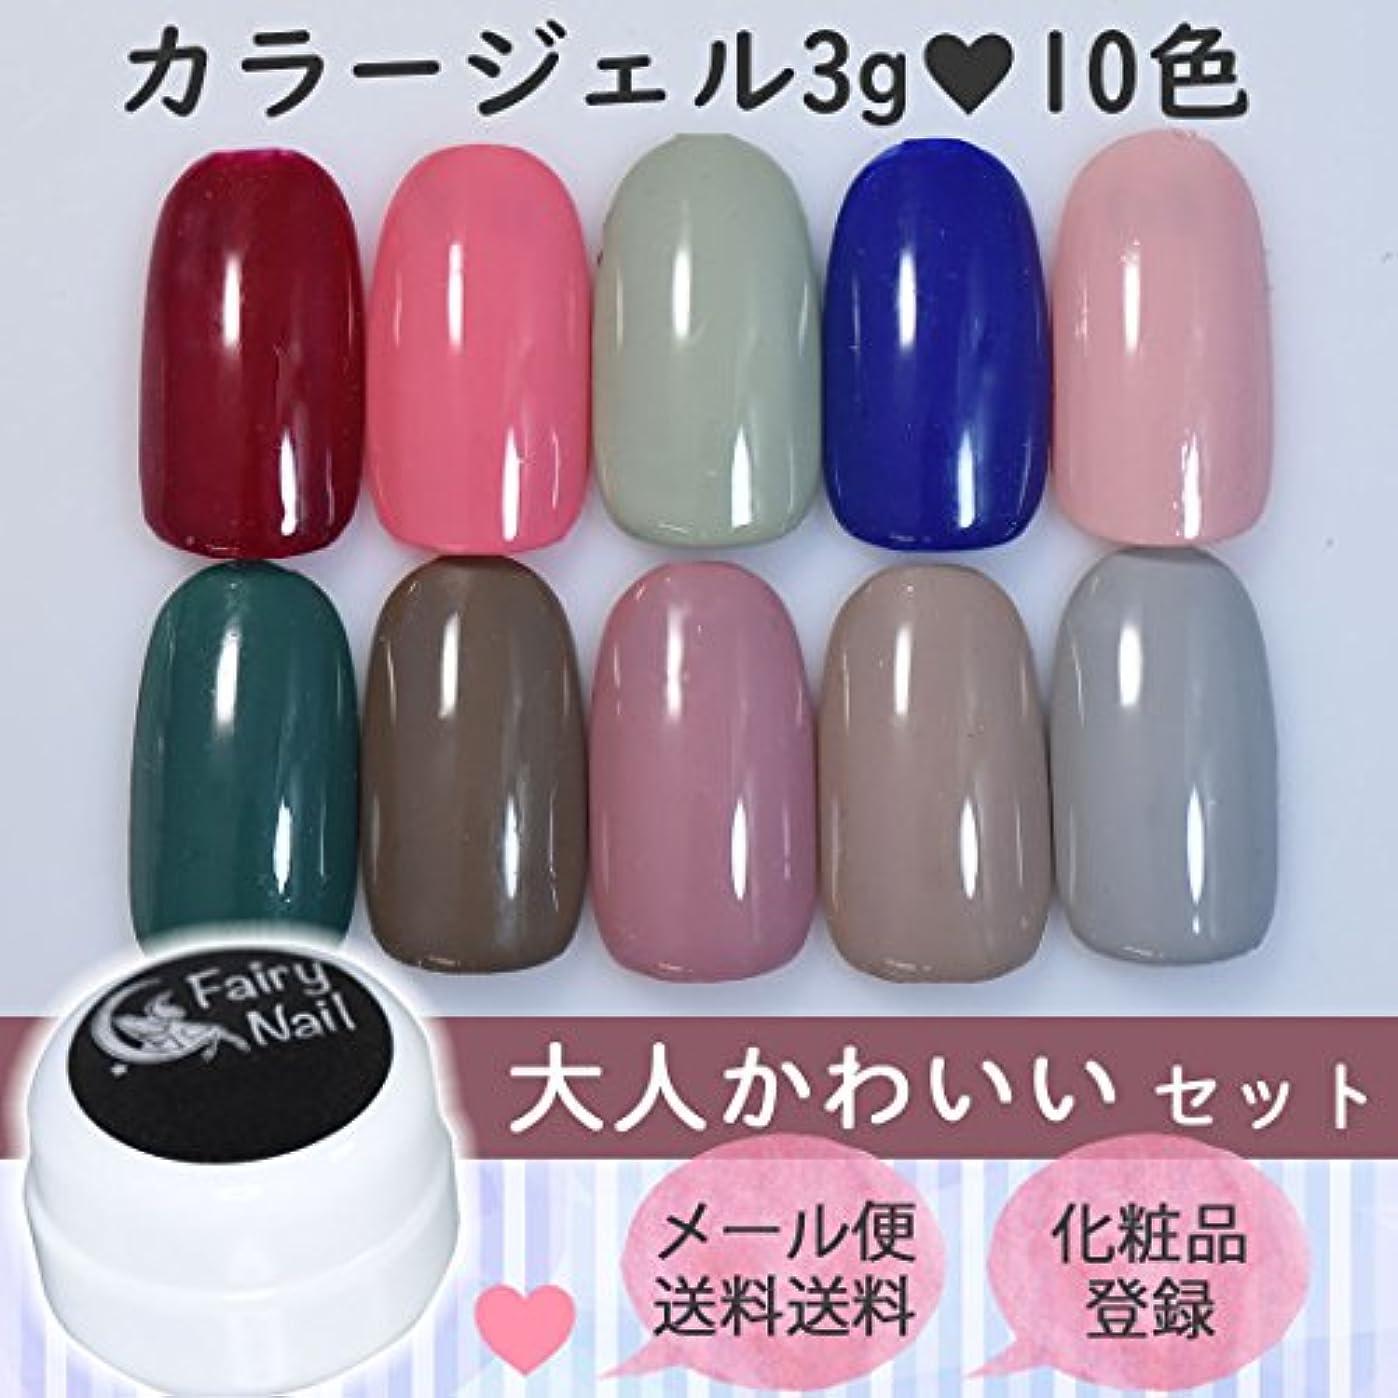 鮫母音株式会社フェアリーネイル カラージェル 3g 10色セット - 大人かわいい -